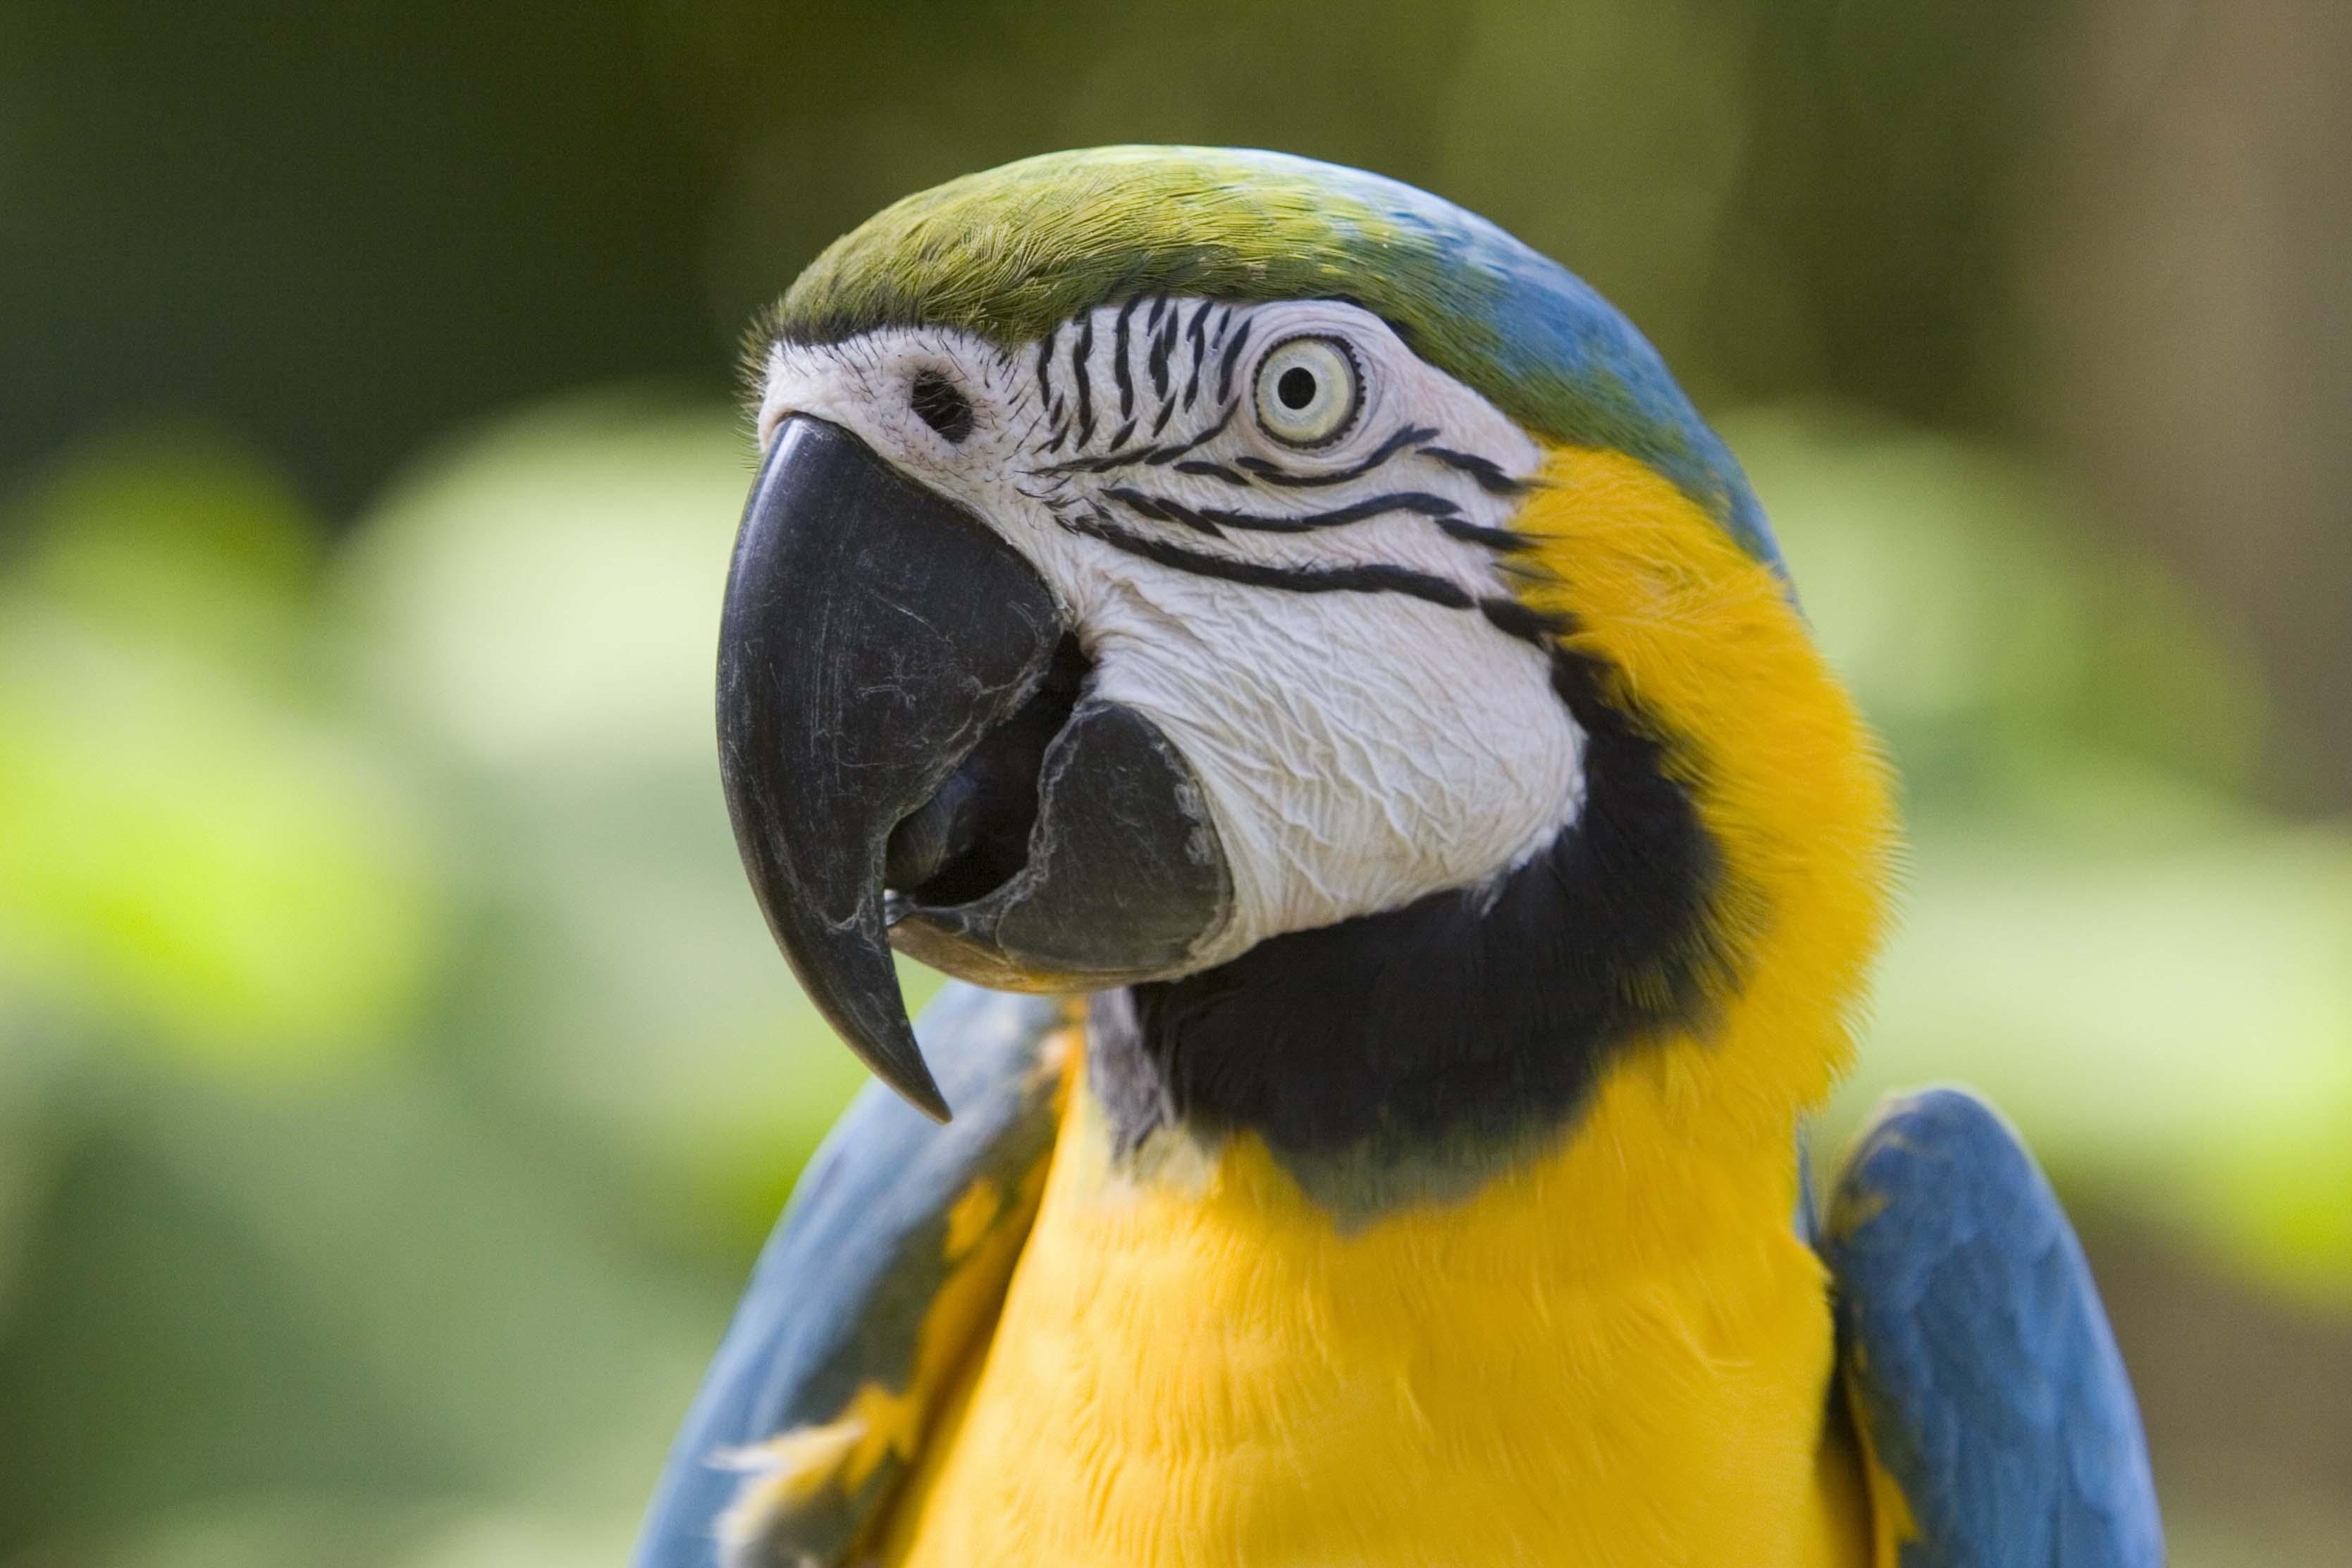 разноцветный попугай, скачать фото